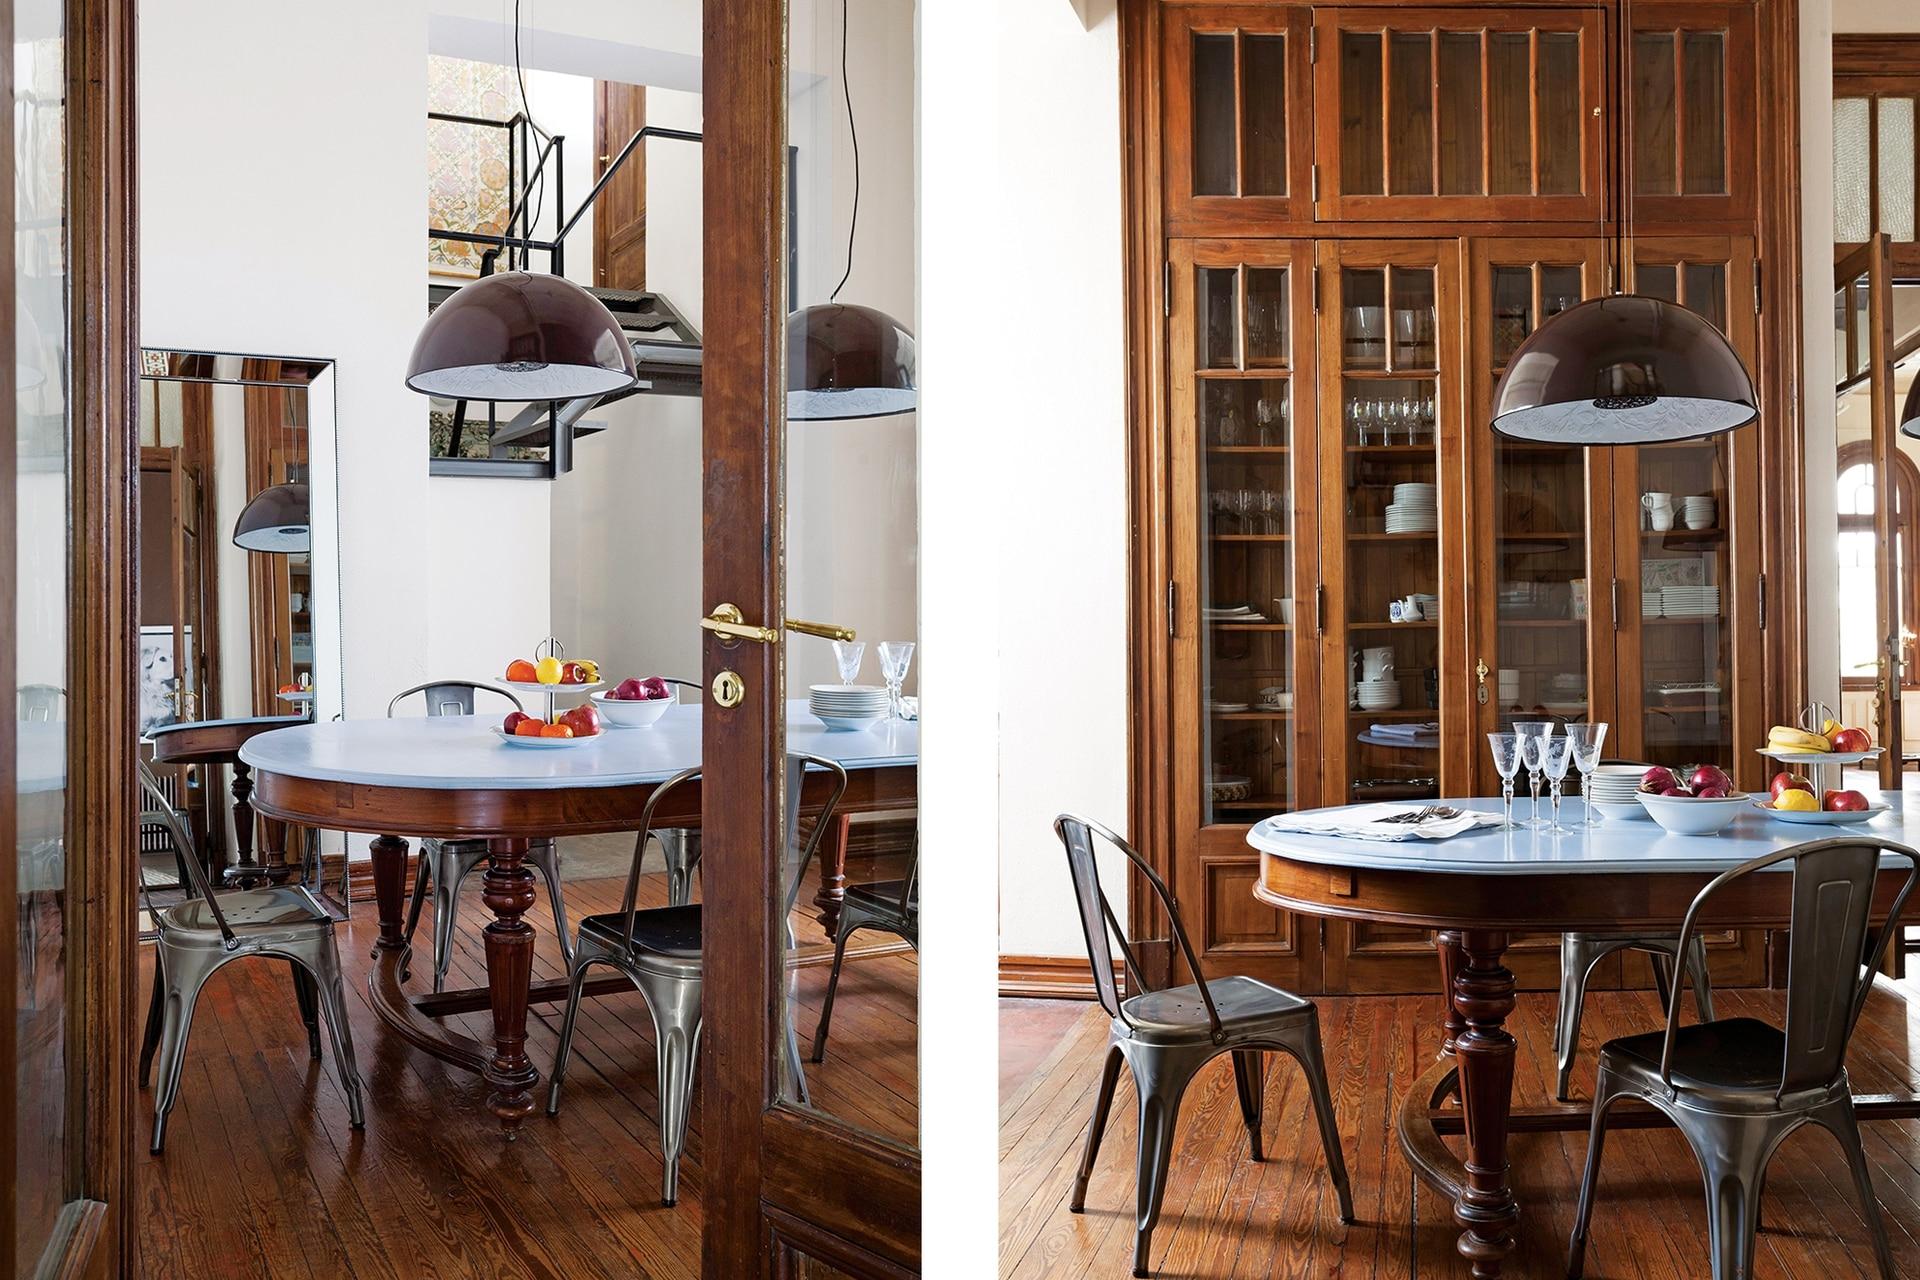 Mesa con tapa pintada de celeste (Muebles Vieja Estación). Sillas 'Tólix' (Mercado Libre). Lámpara colgante (Alibaba).